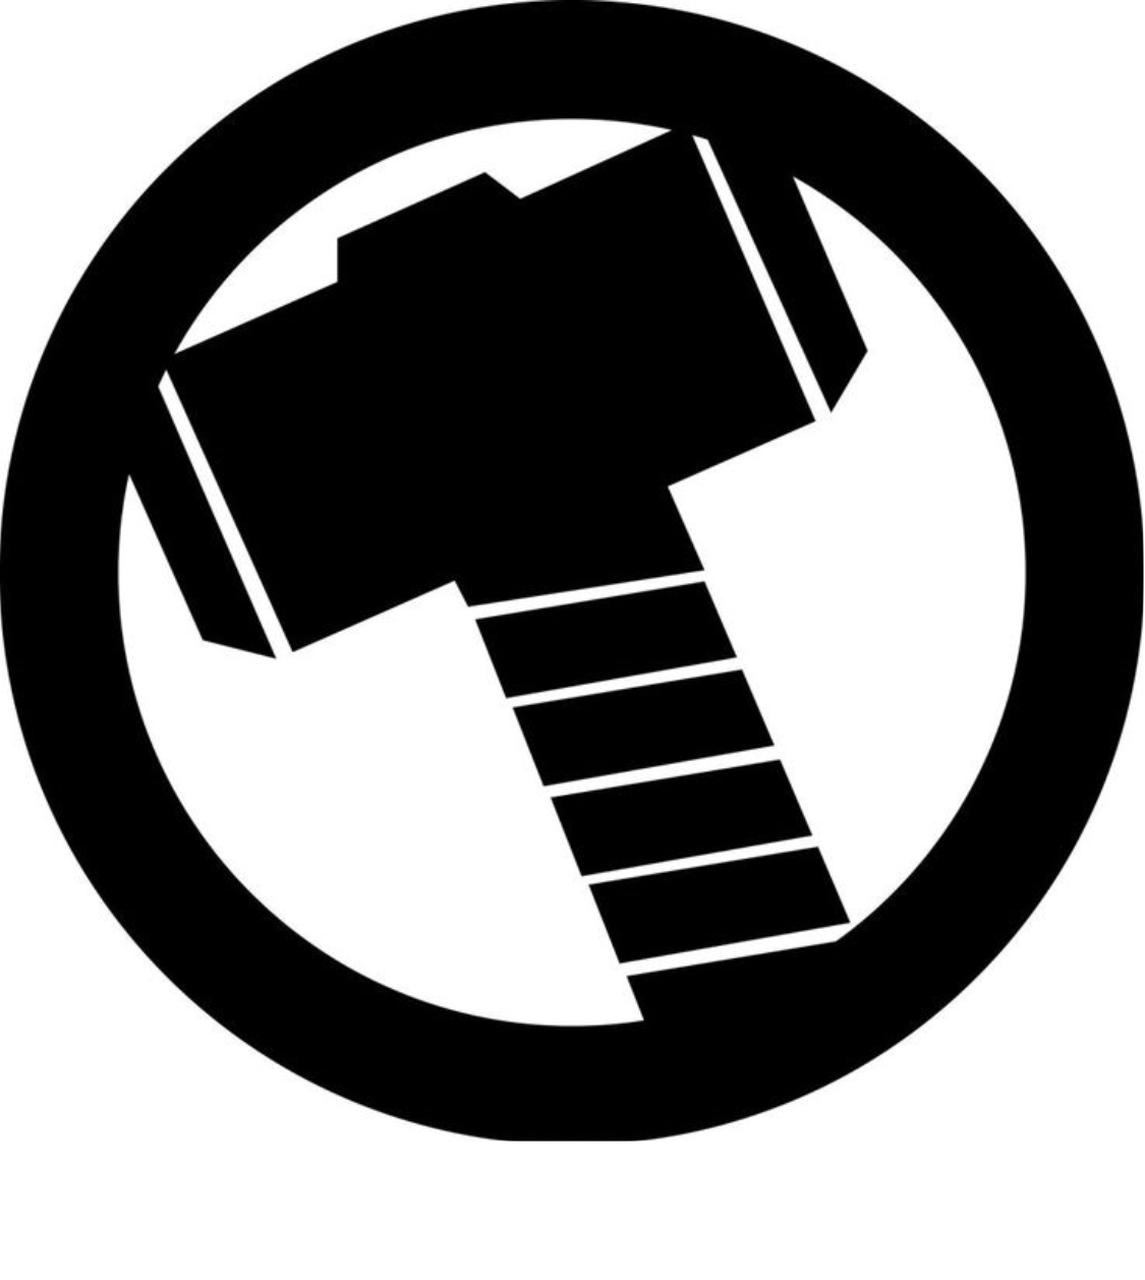 Avengers Marvel Comics Thor Hammer Logo.